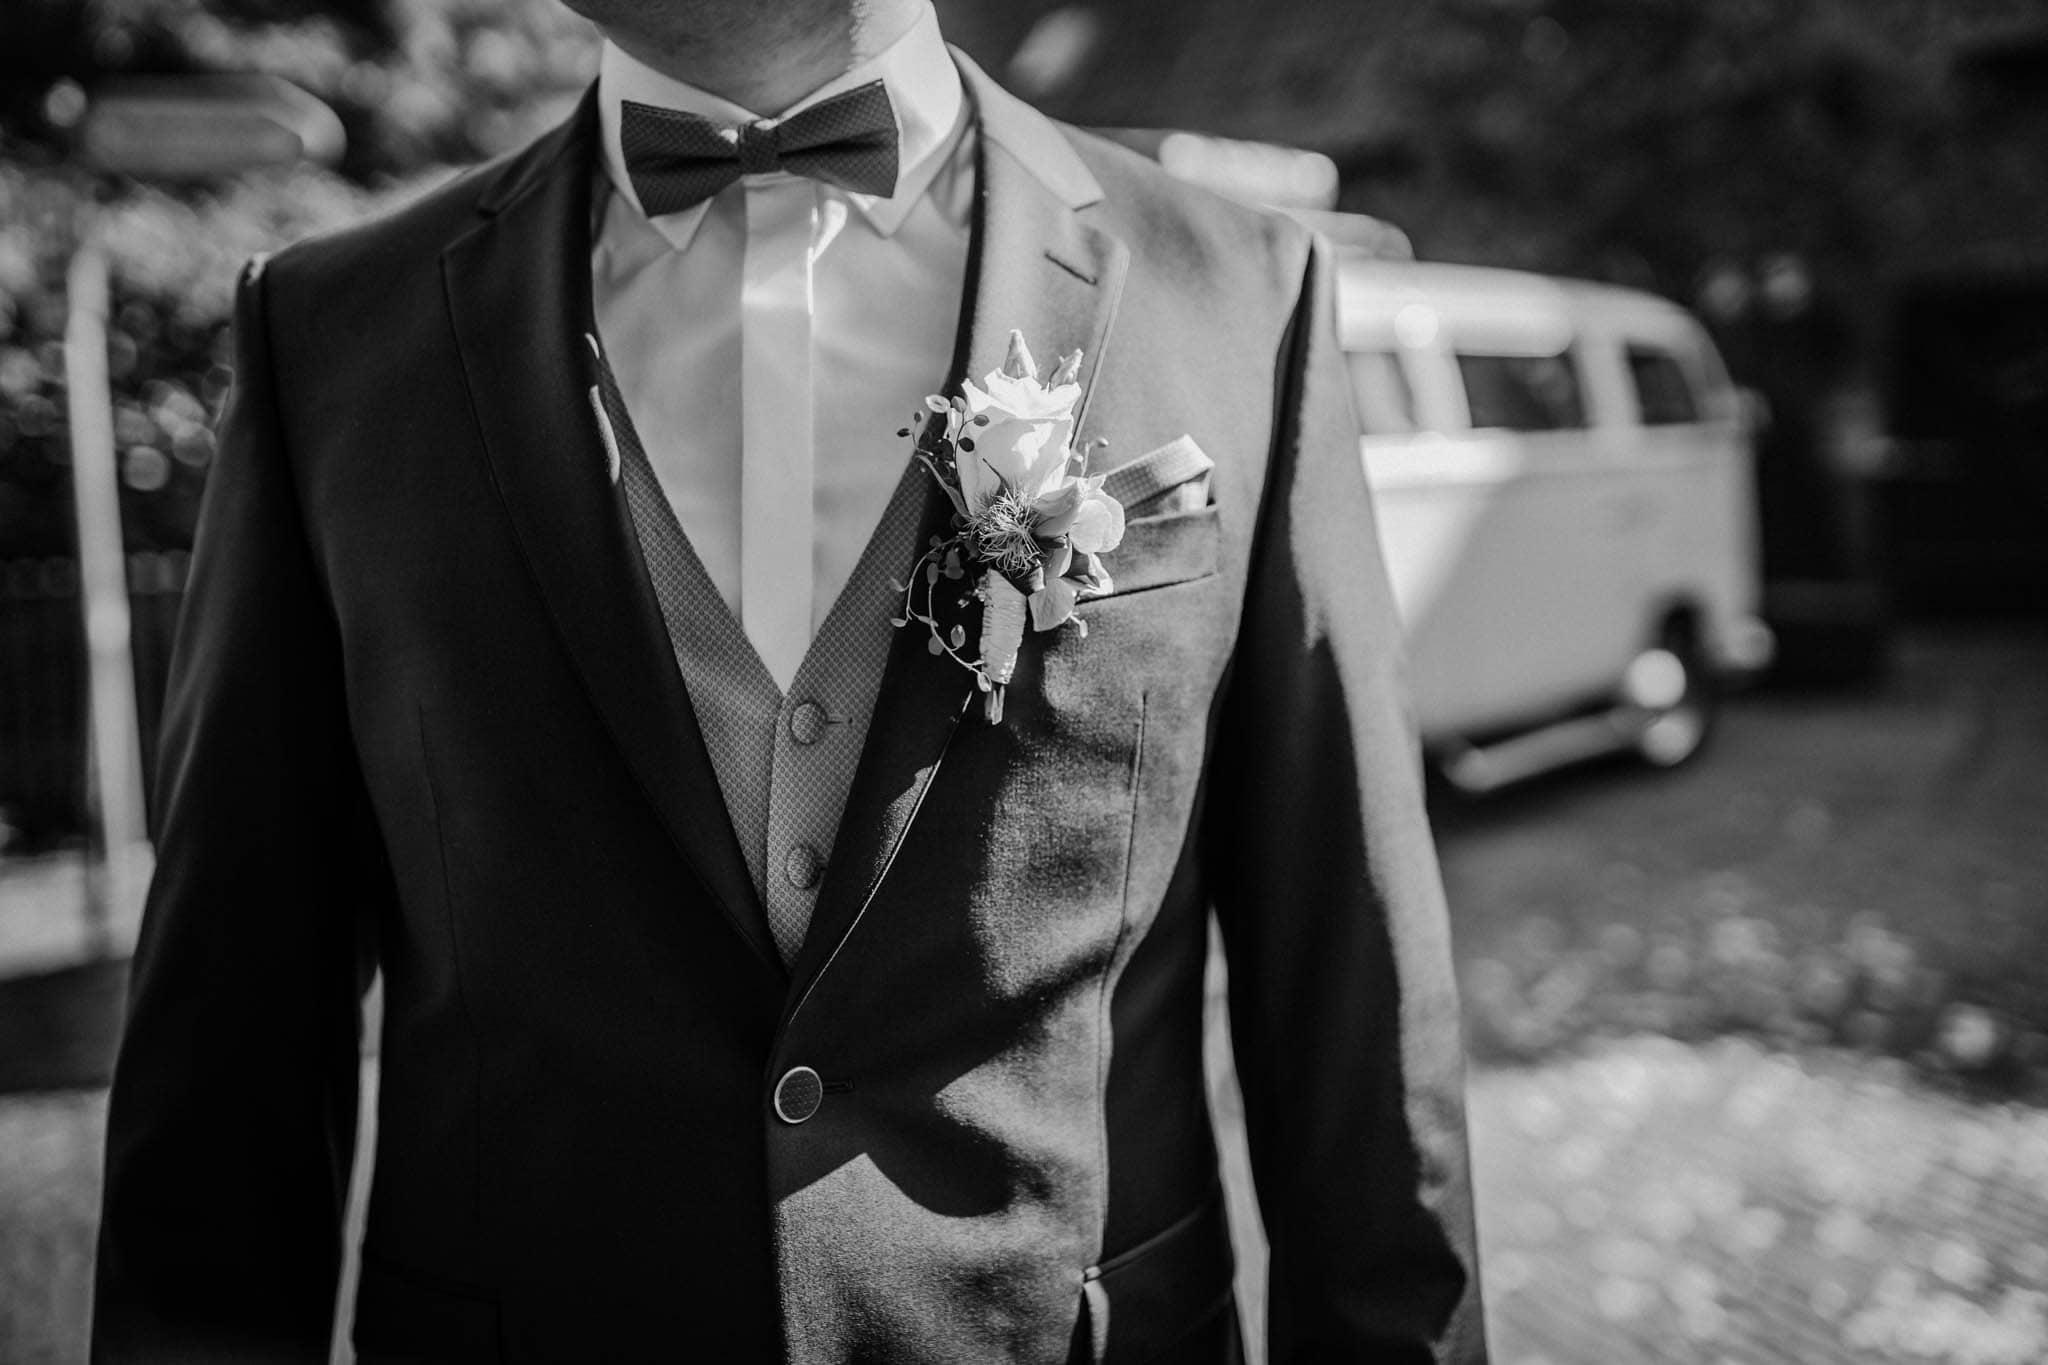 Hochzeitsfieber by Photo-Schomburg, Hochzeitsfotograf, Hamburg,Bremen, wedding, Hochzeitsshooting, Hochzeitstag-23